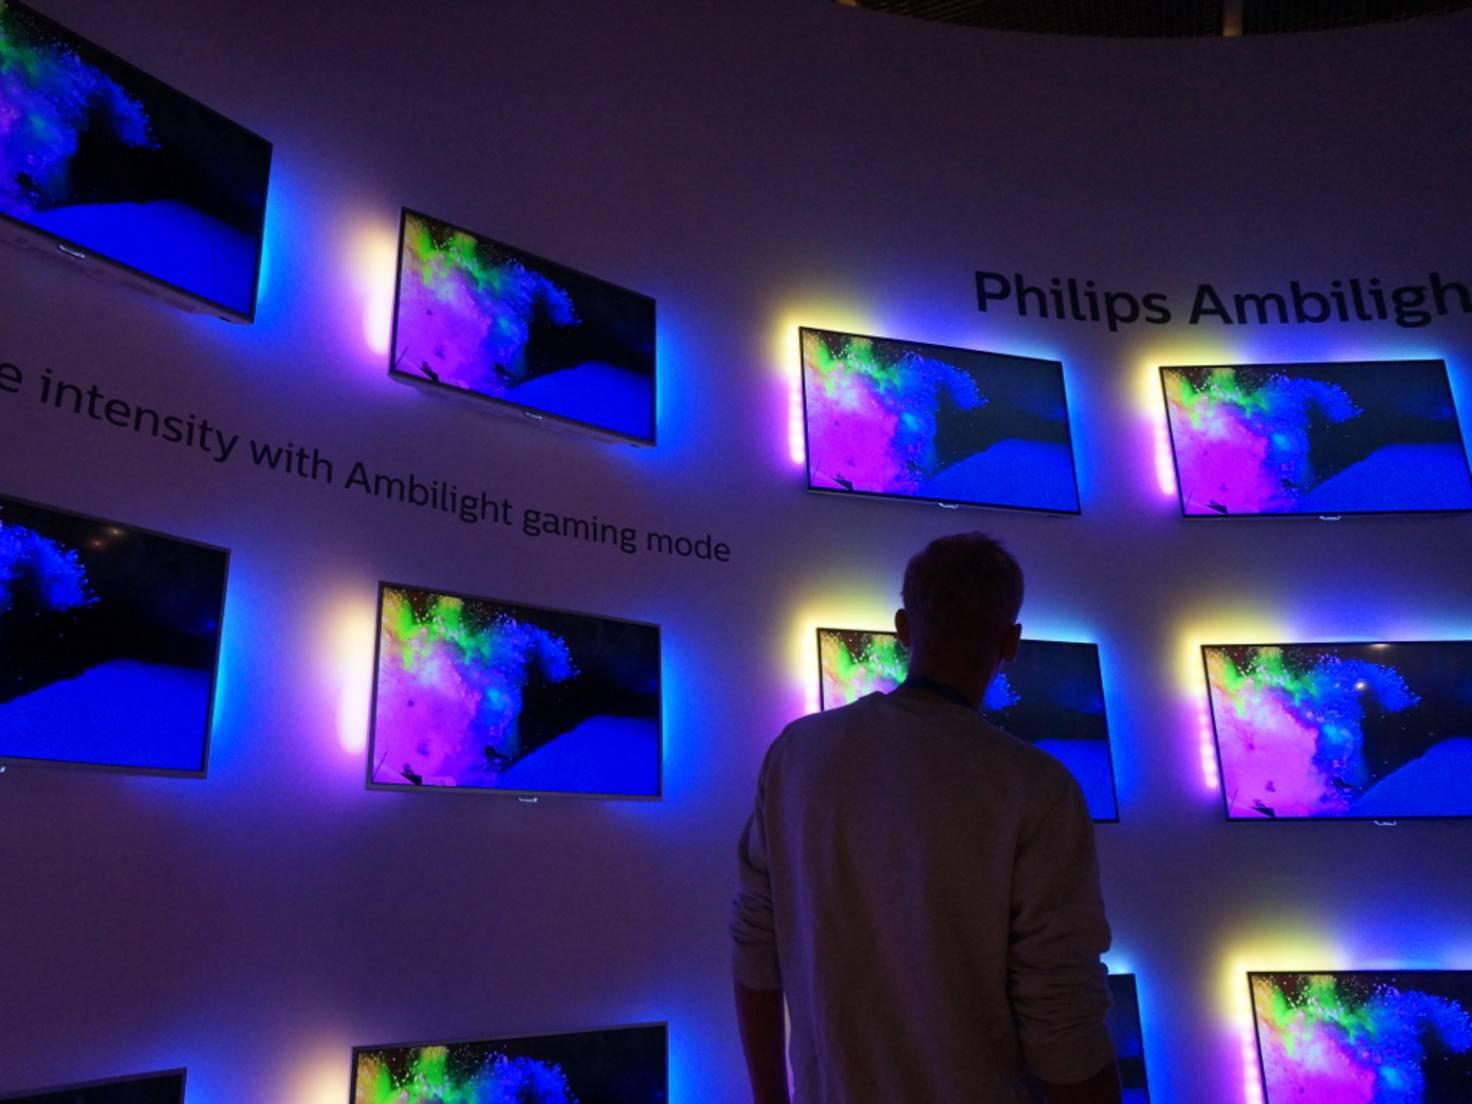 Immer wieder schön: Ambilight bei Philips.